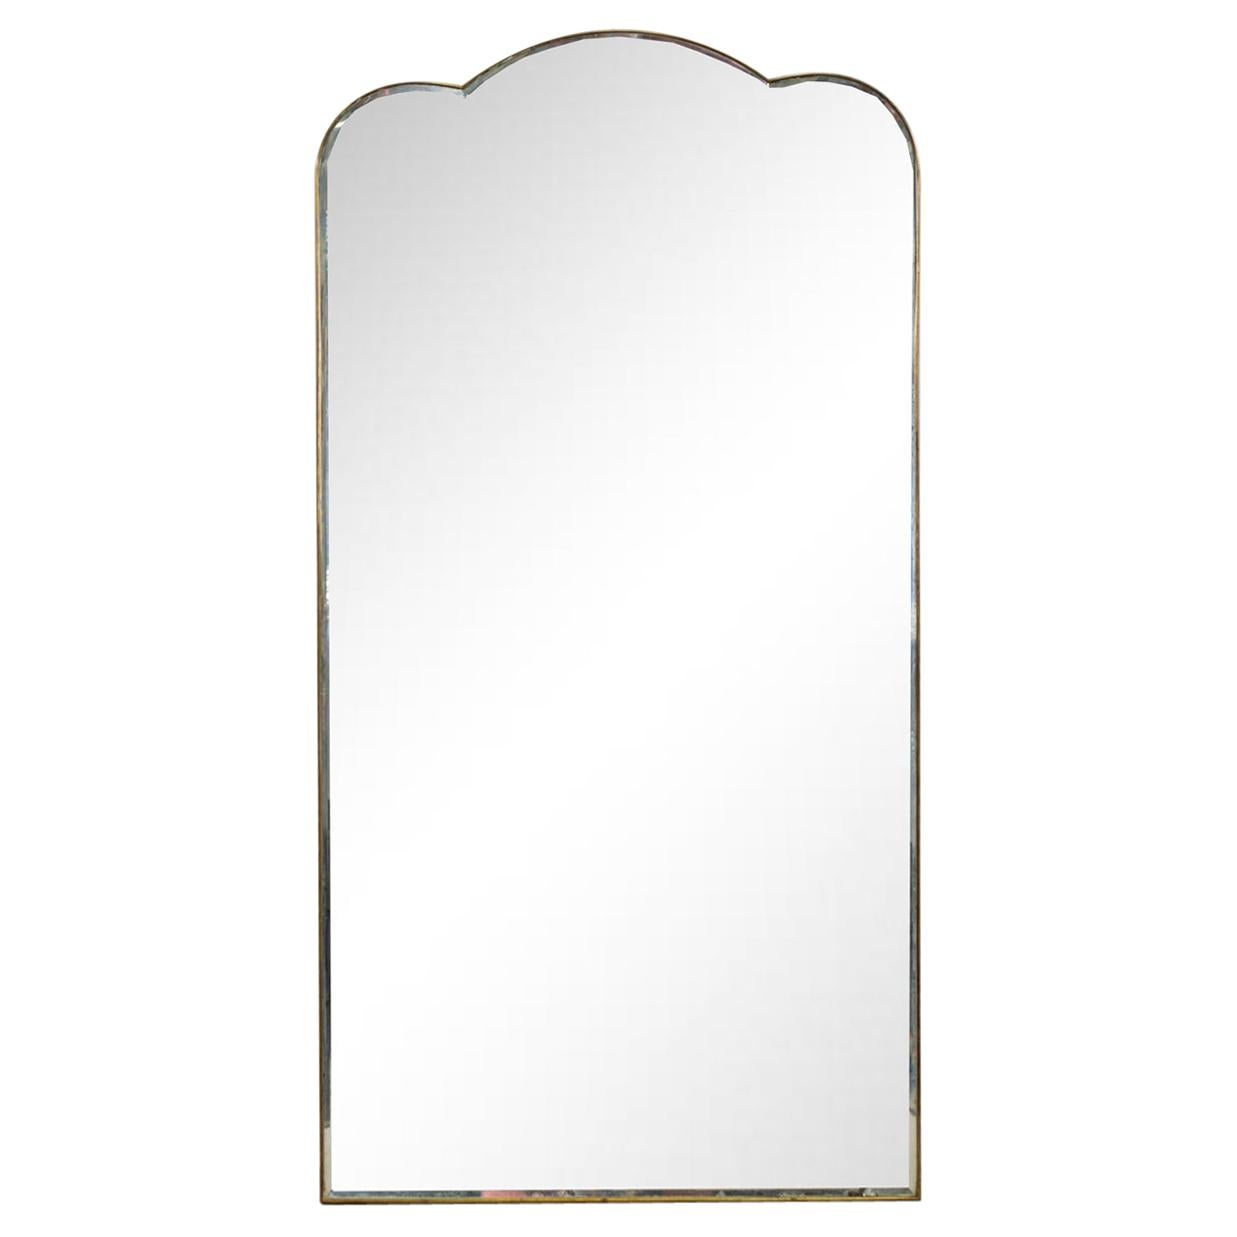 Gio Ponti Wall Mirror with Brass Frame Fontana Arte, 1930